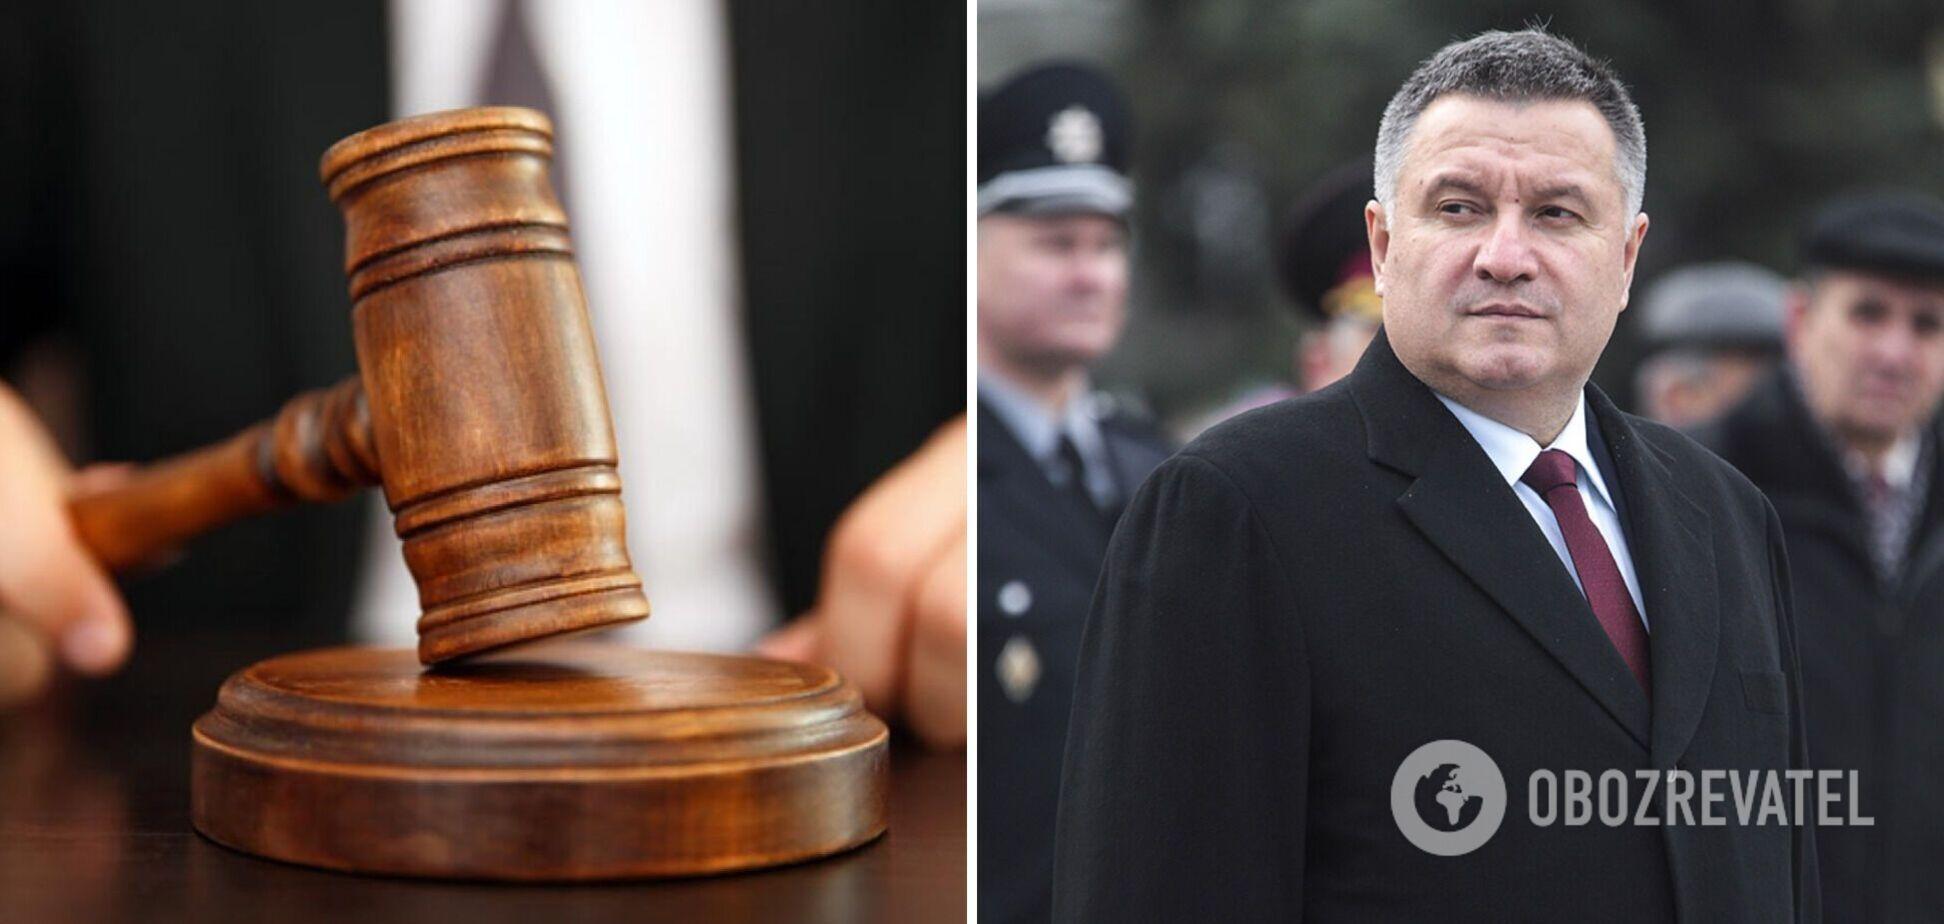 Аваков розкритикував суддю з Одеси, який відпустив 'злодія в законі'